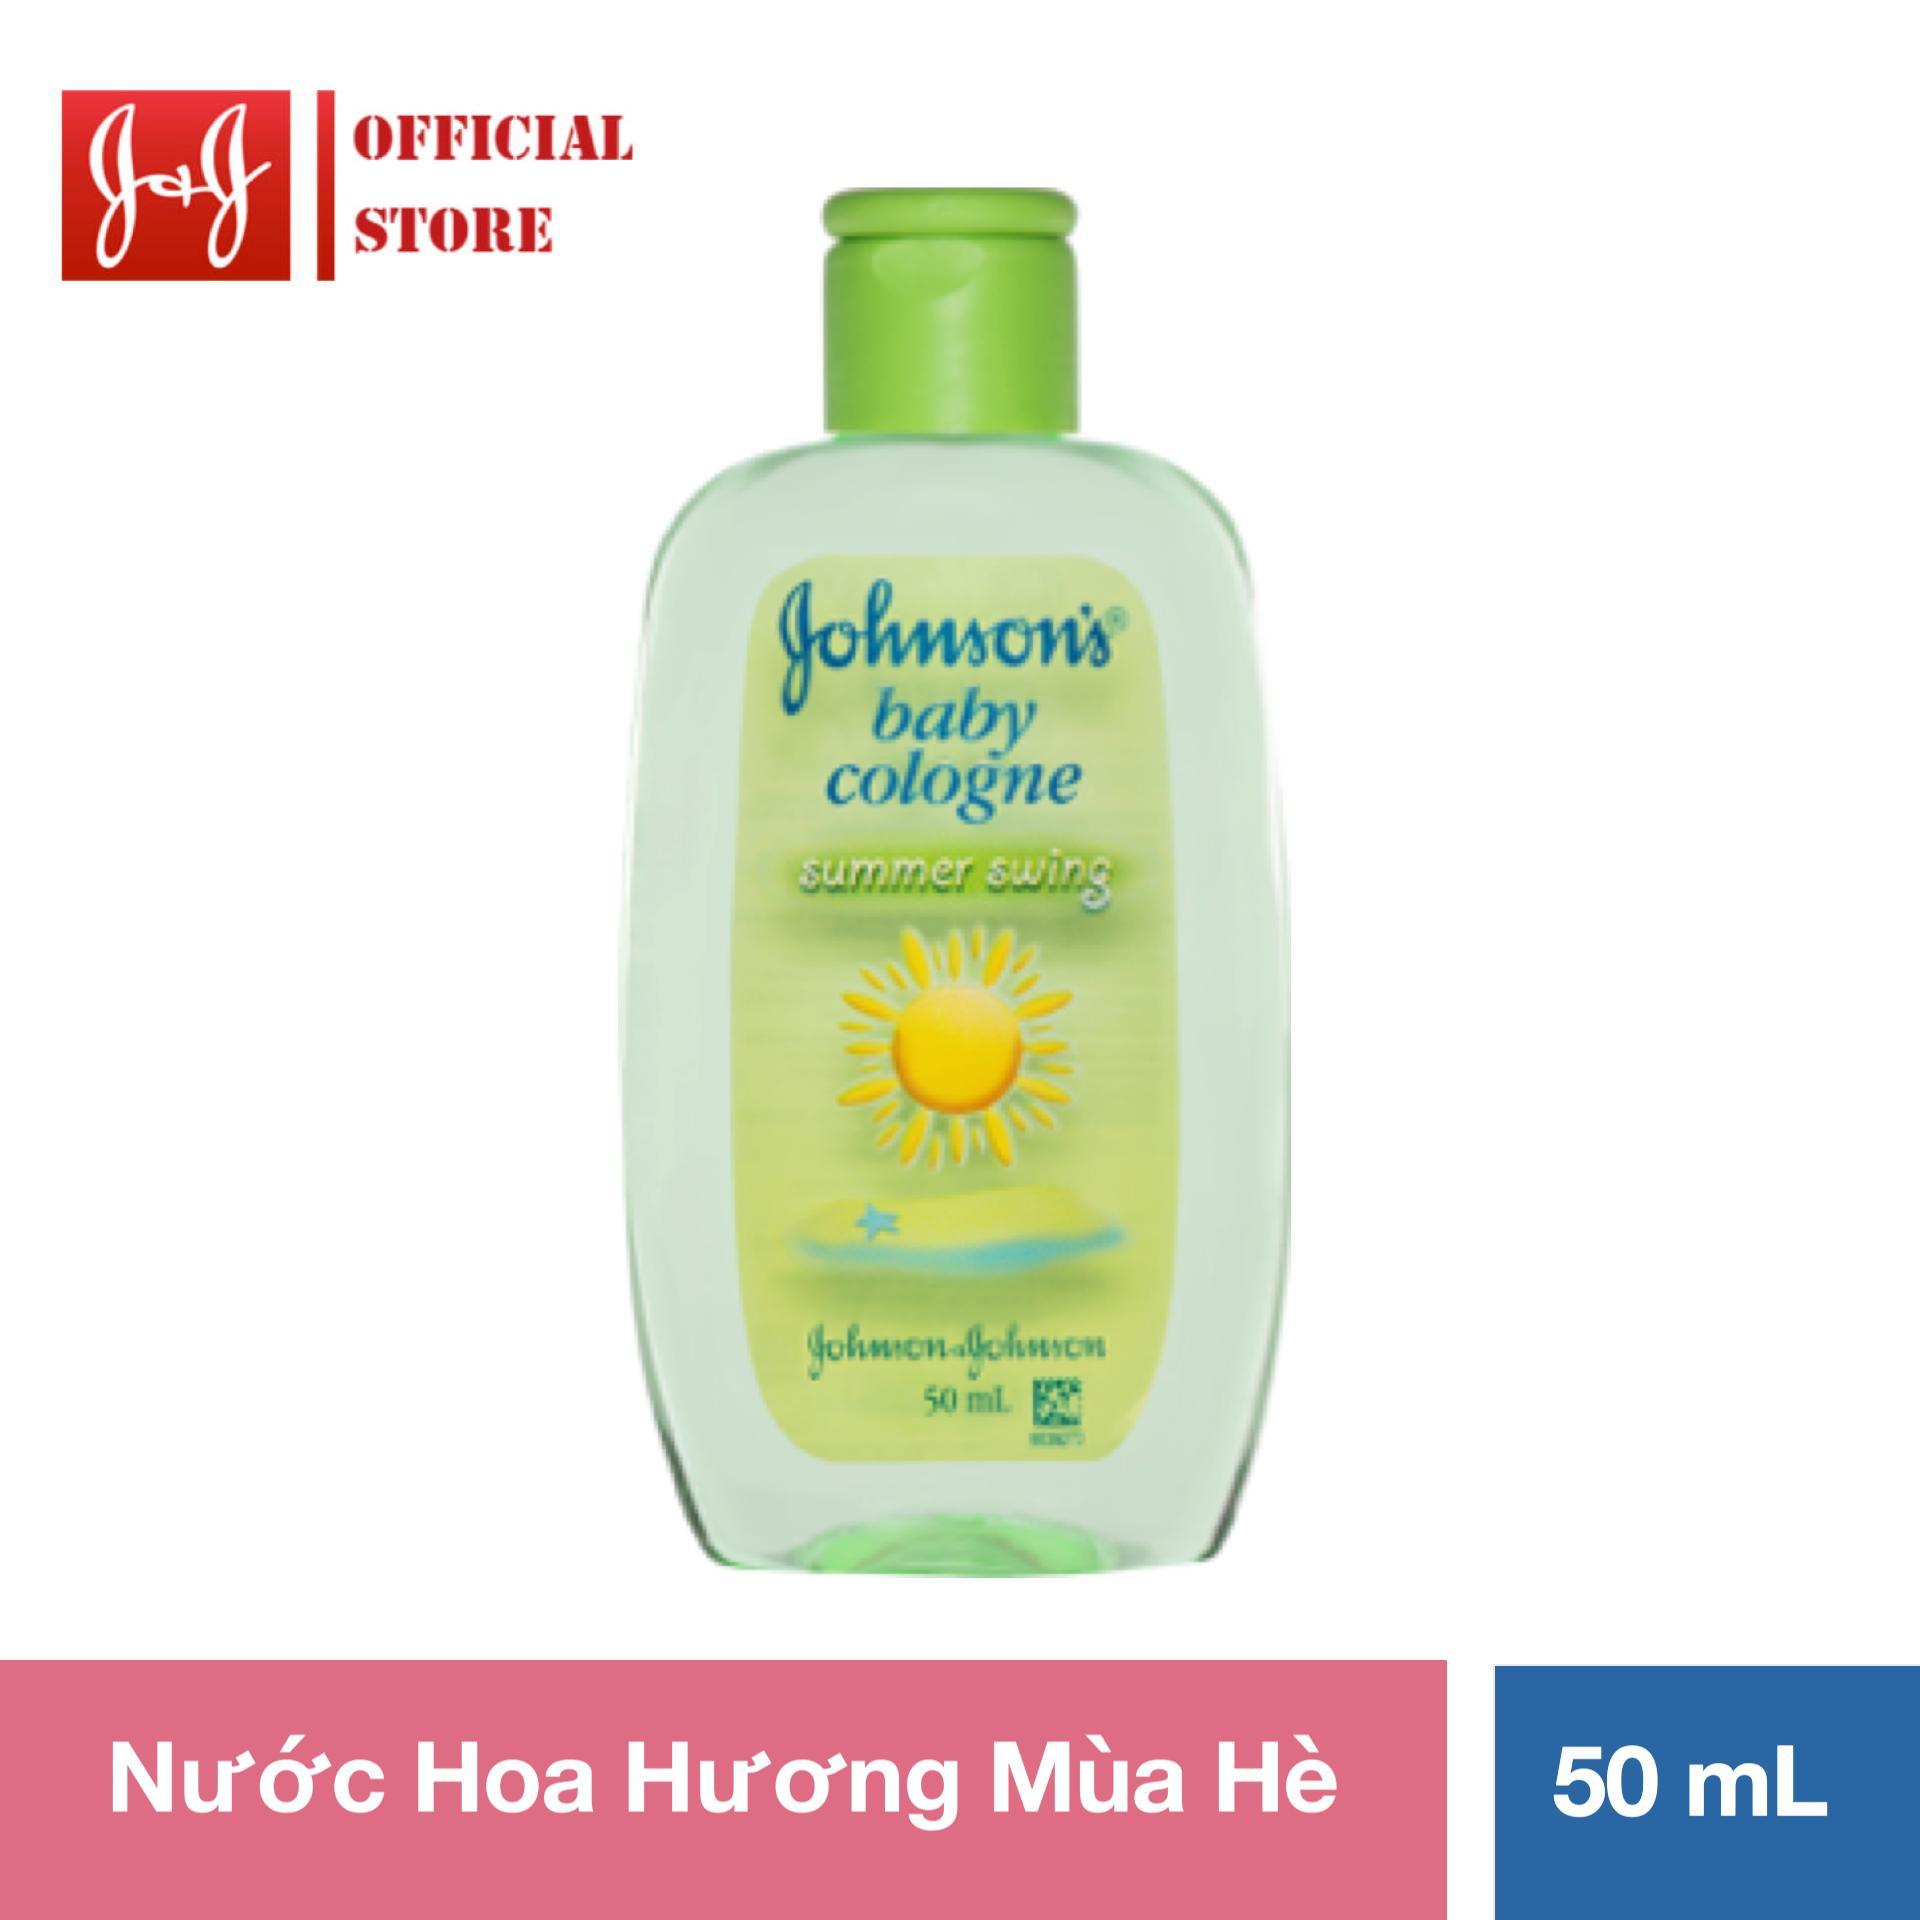 Nước hoa Johnson's Baby hương mùa hè 50ml